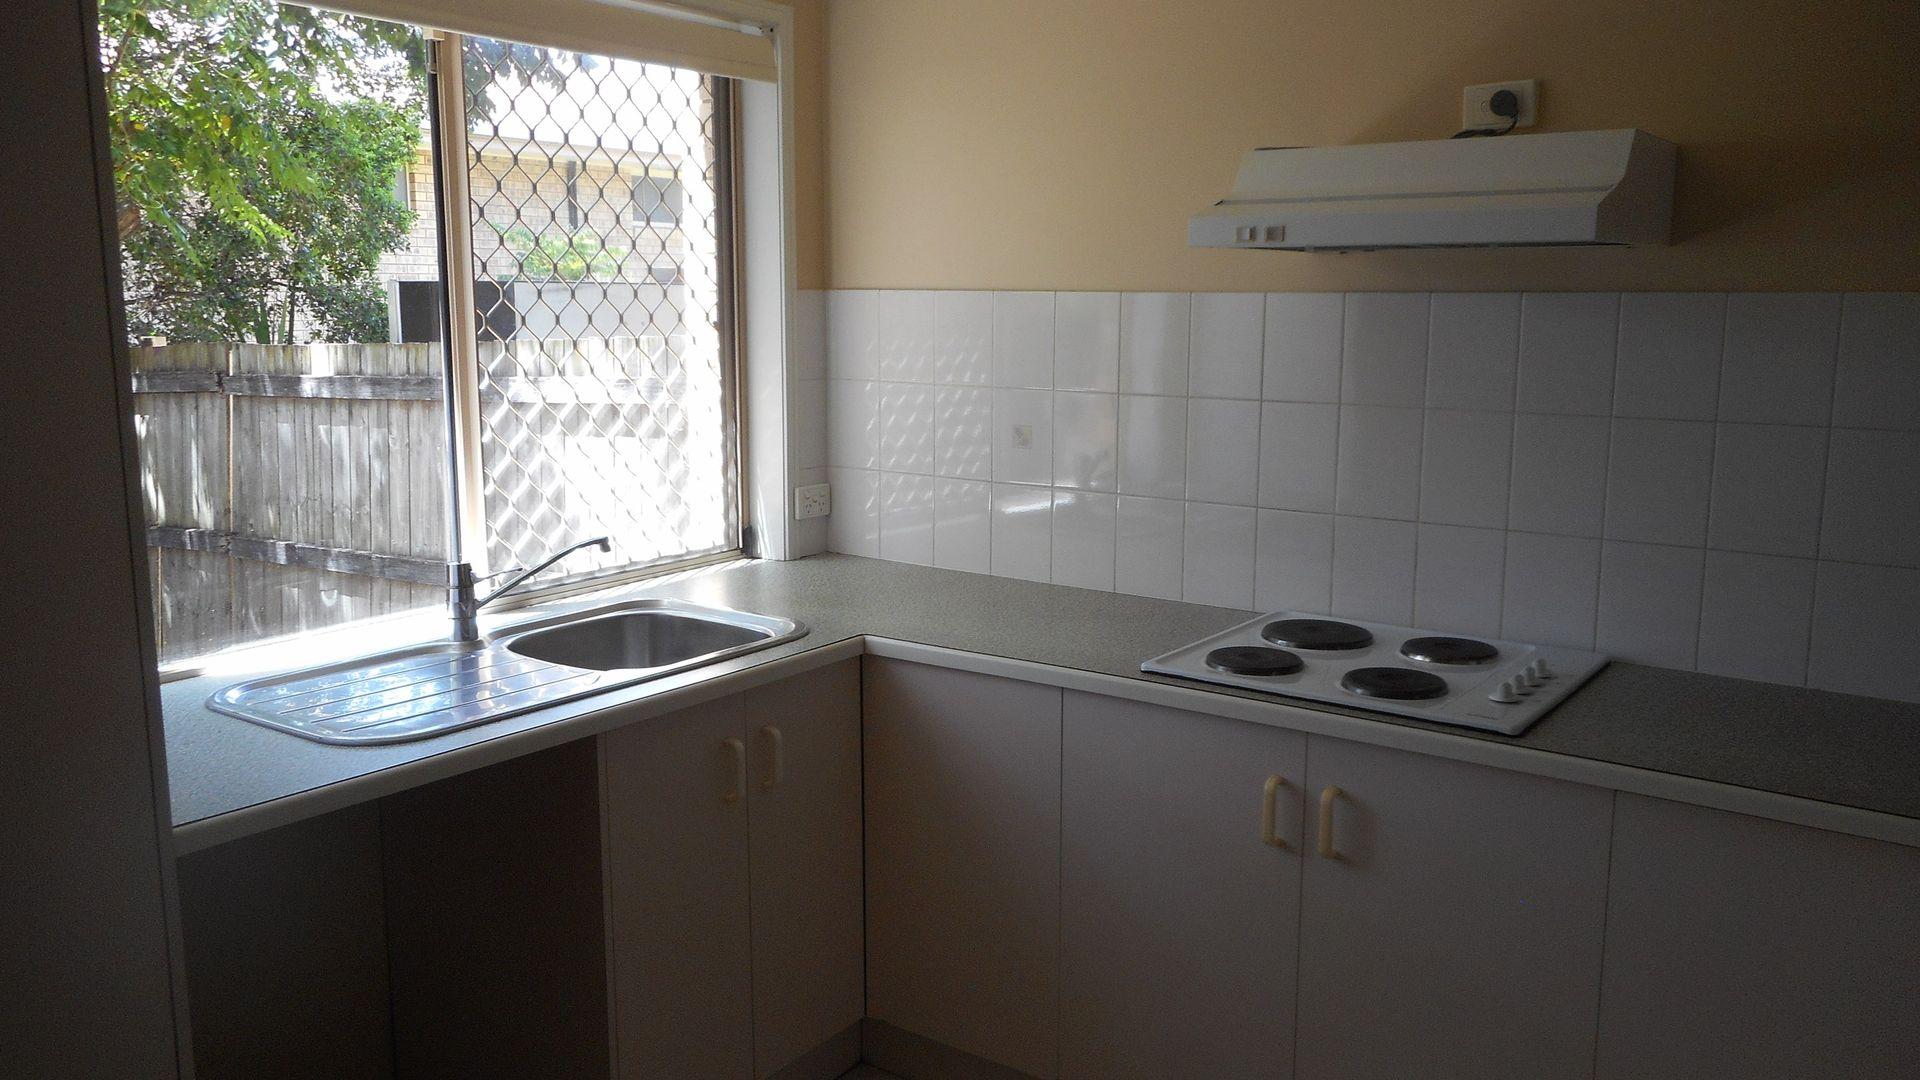 2/43 Maranda St, Shailer Park QLD 4128, Image 2